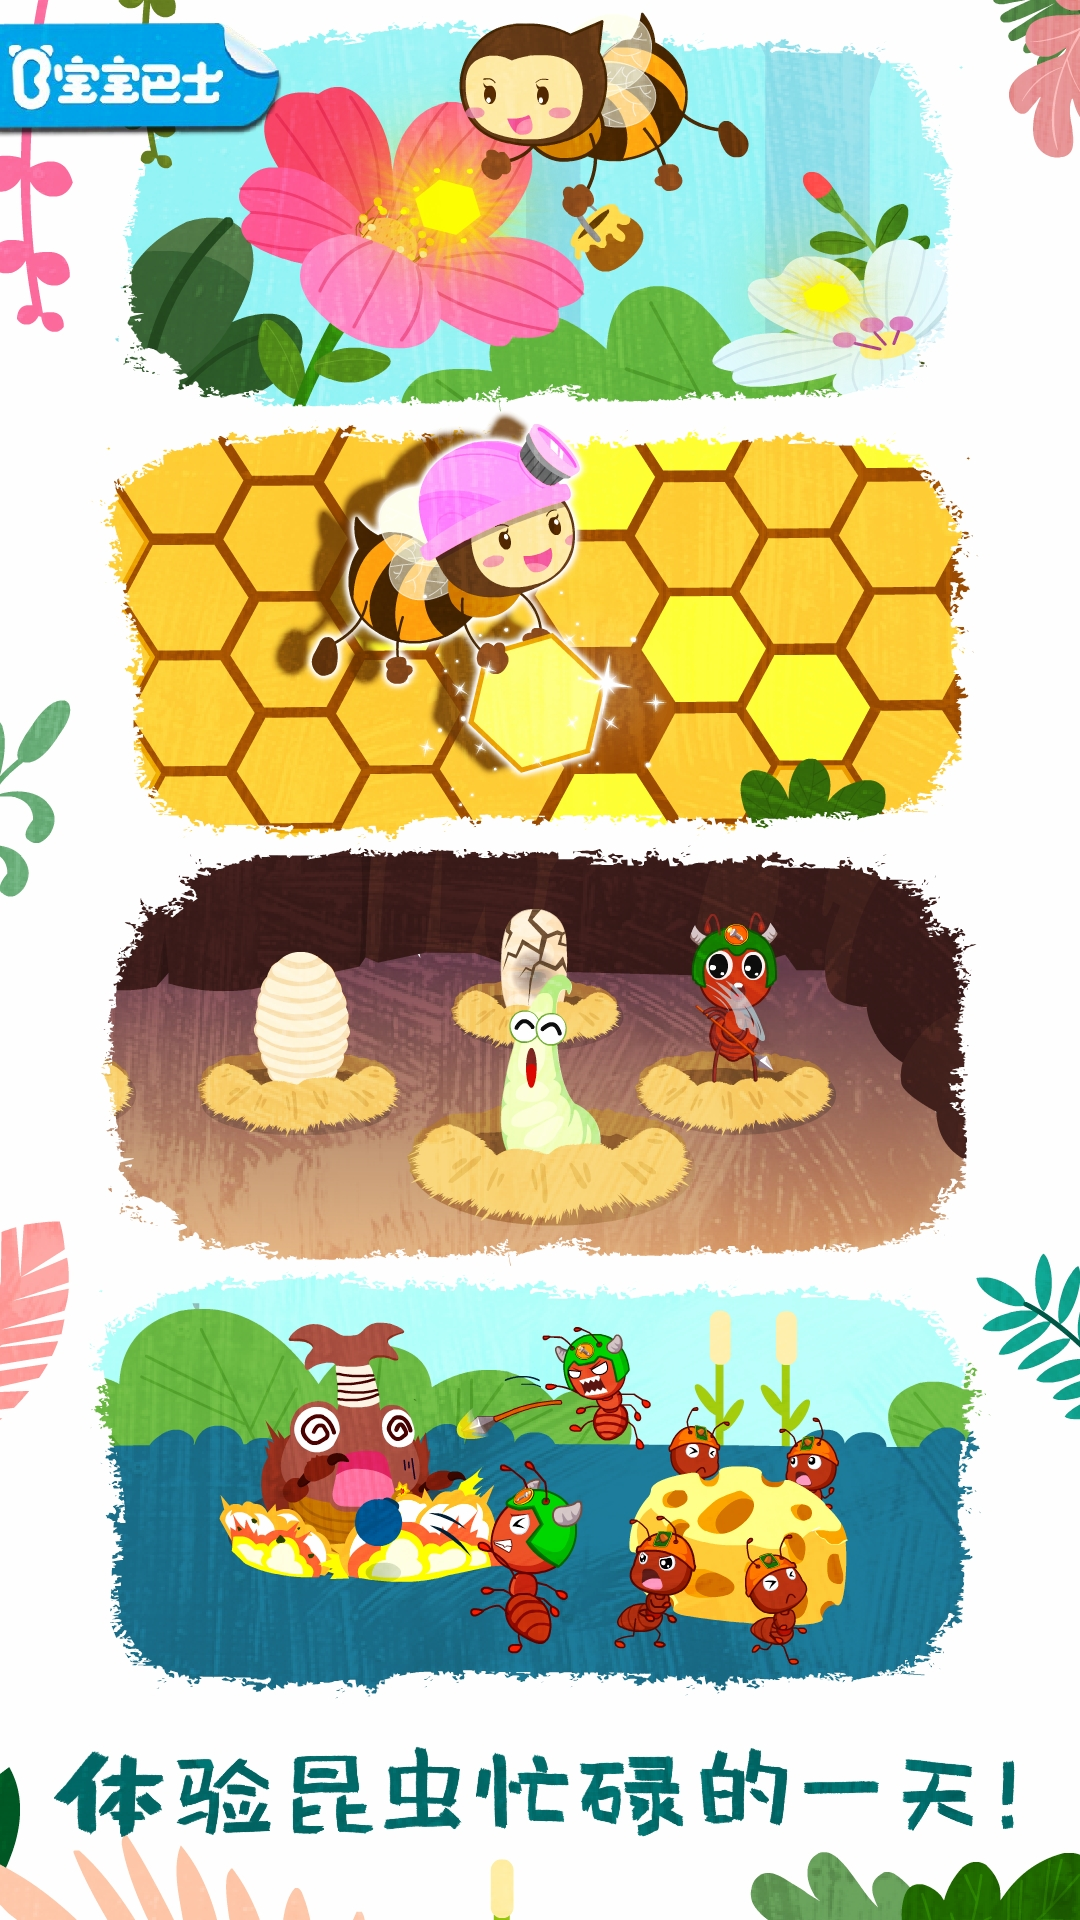 奇妙昆虫世界 V9.41.10.00 安卓版截图3